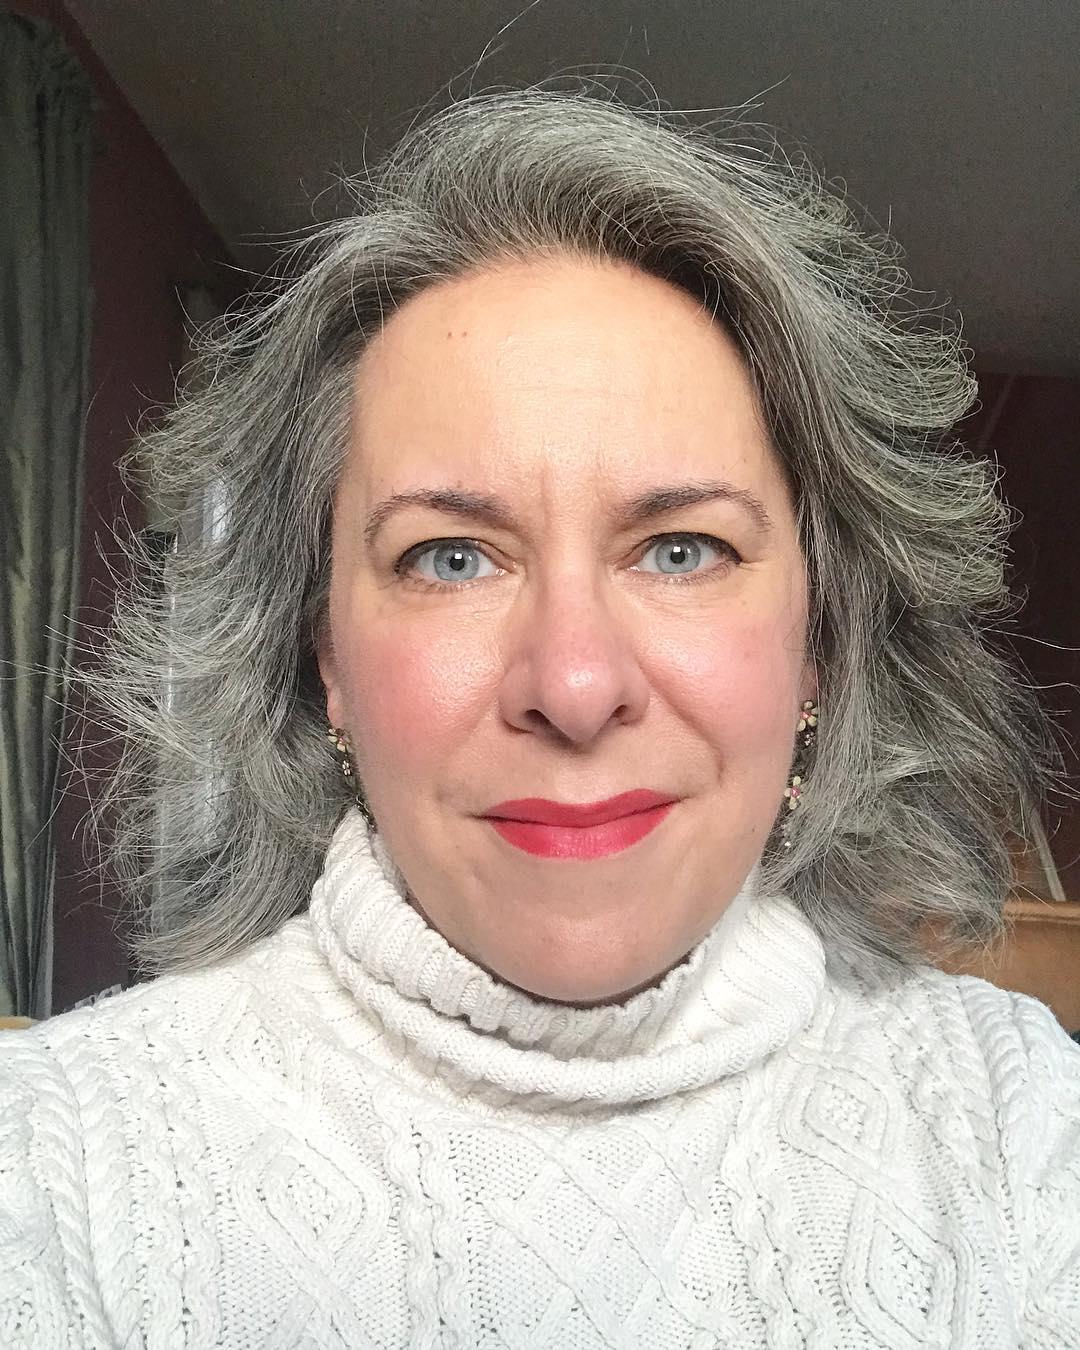 короткие стрижки для женщин старше 60 лет фото 1